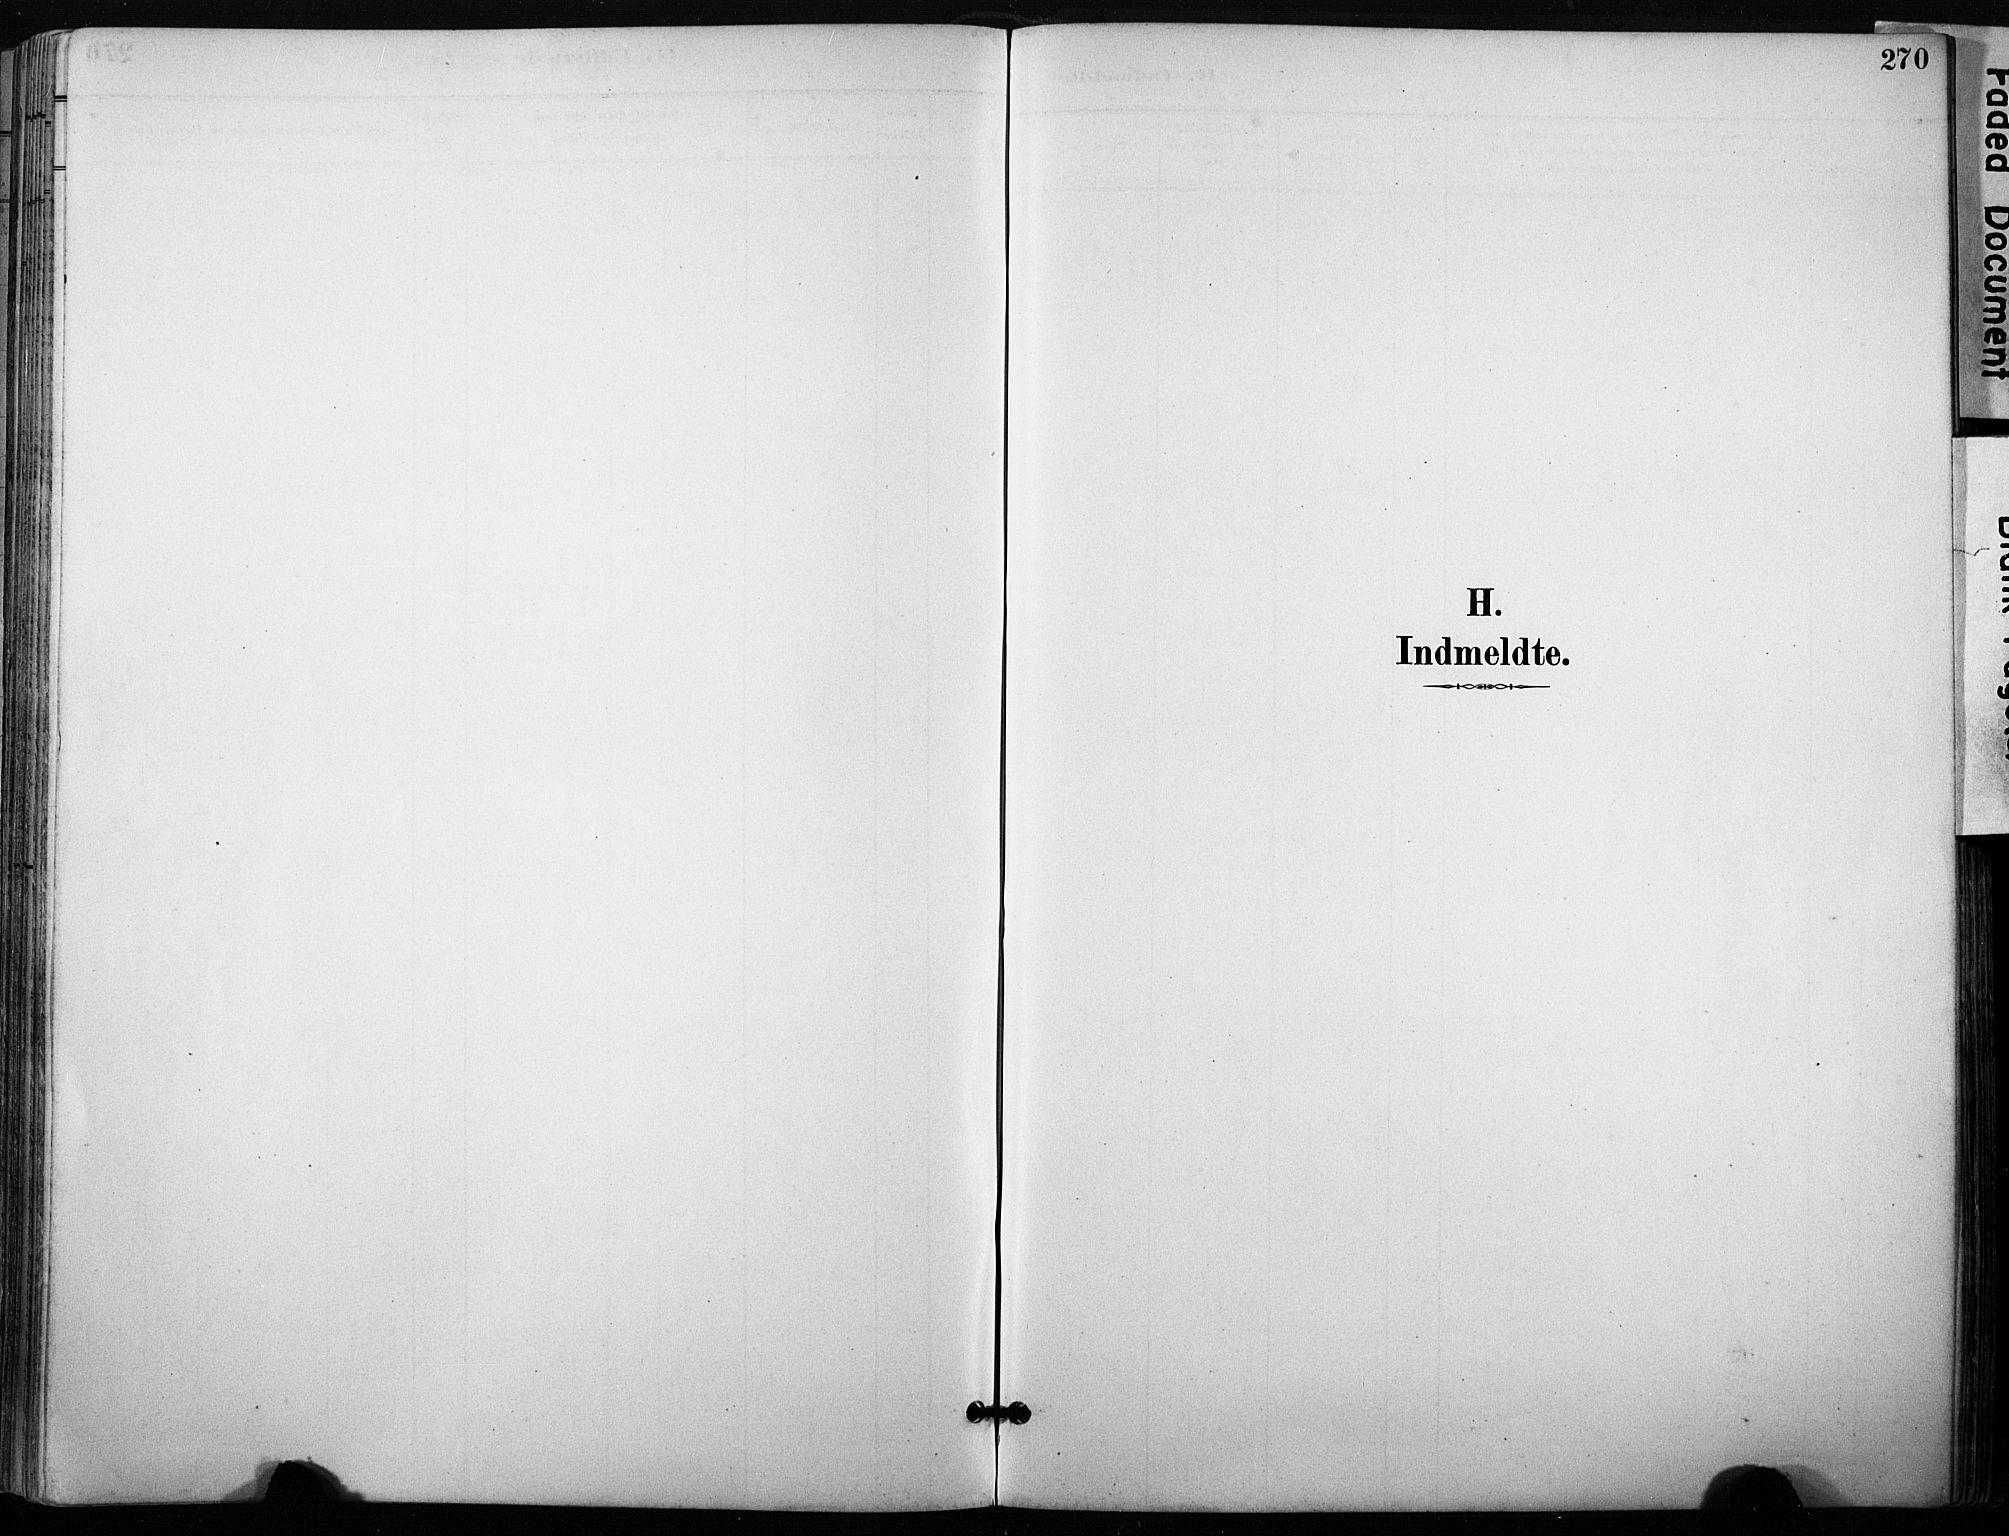 SAT, Ministerialprotokoller, klokkerbøker og fødselsregistre - Sør-Trøndelag, 640/L0579: Ministerialbok nr. 640A04, 1889-1902, s. 270